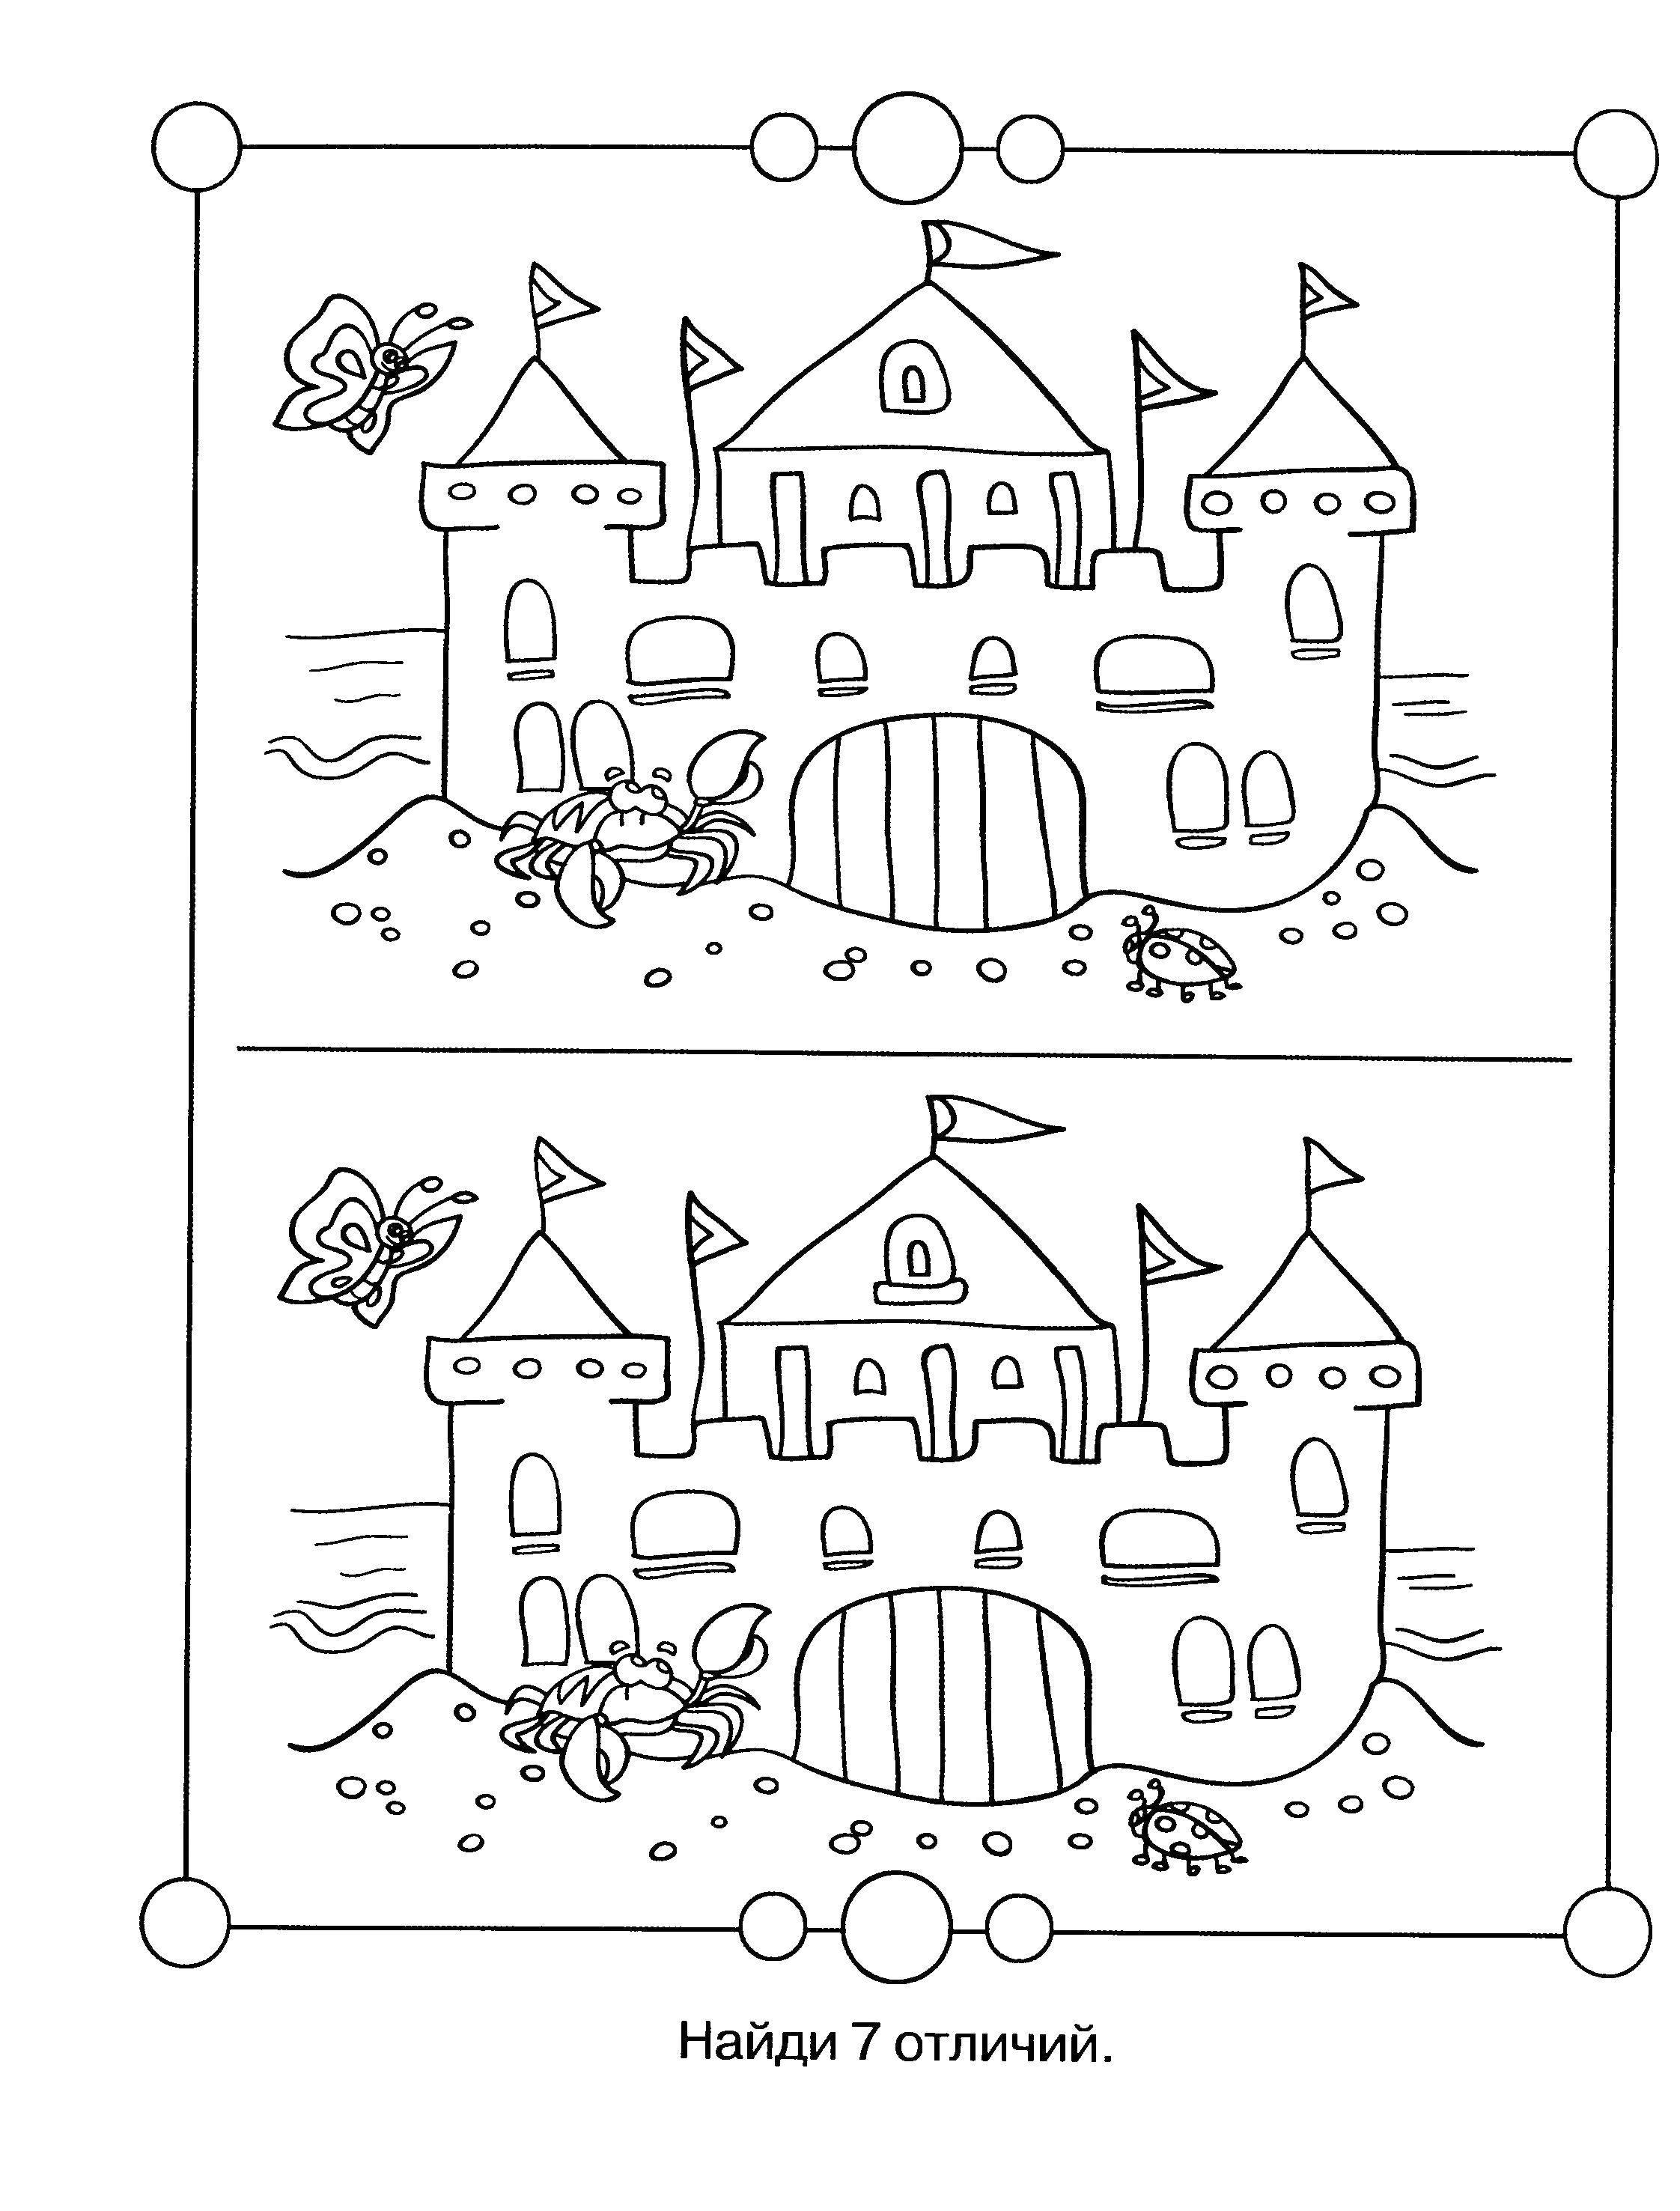 Раскраска Найди отличия в замках Скачать ,Обучающая раскраска, логика,.  Распечатать